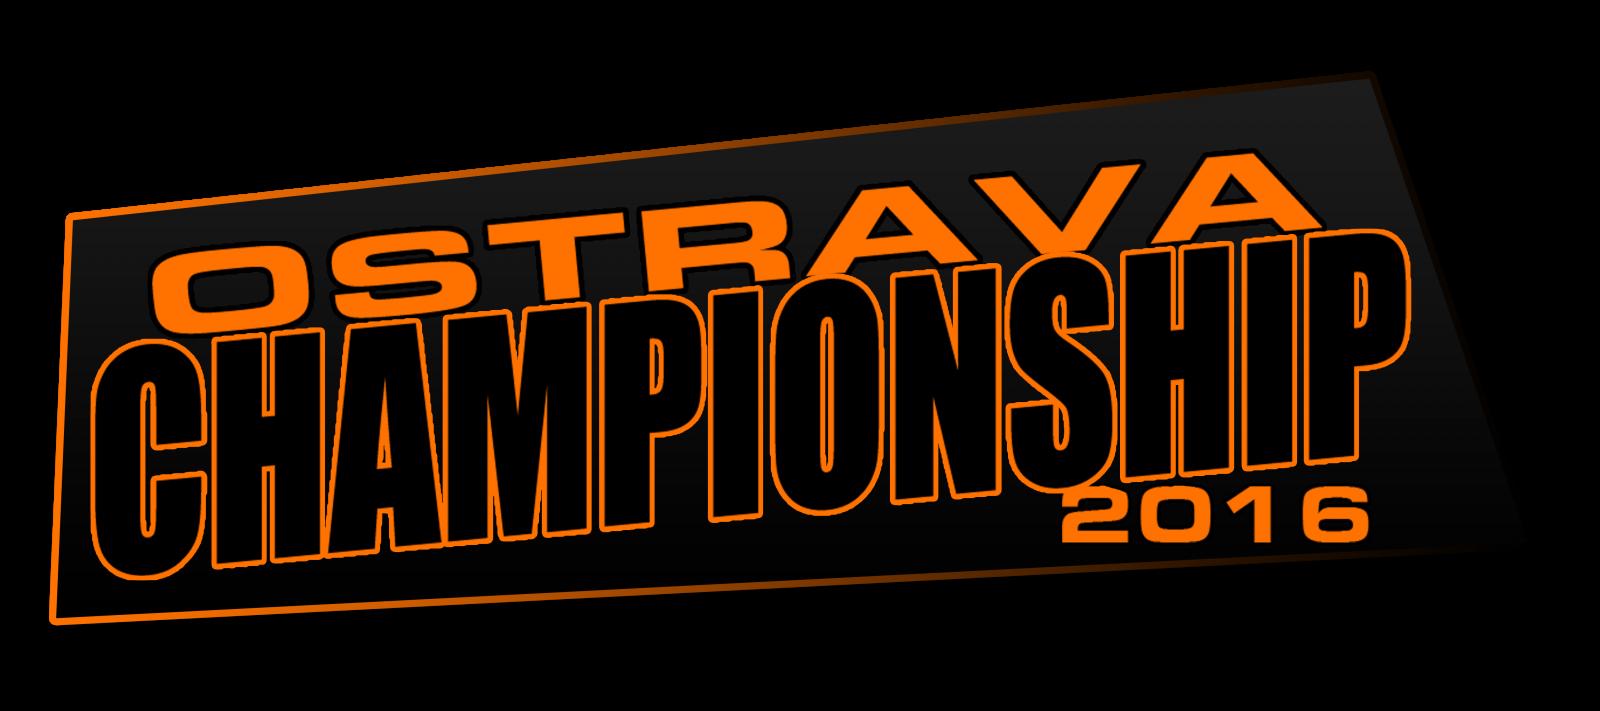 Ostrava Championship